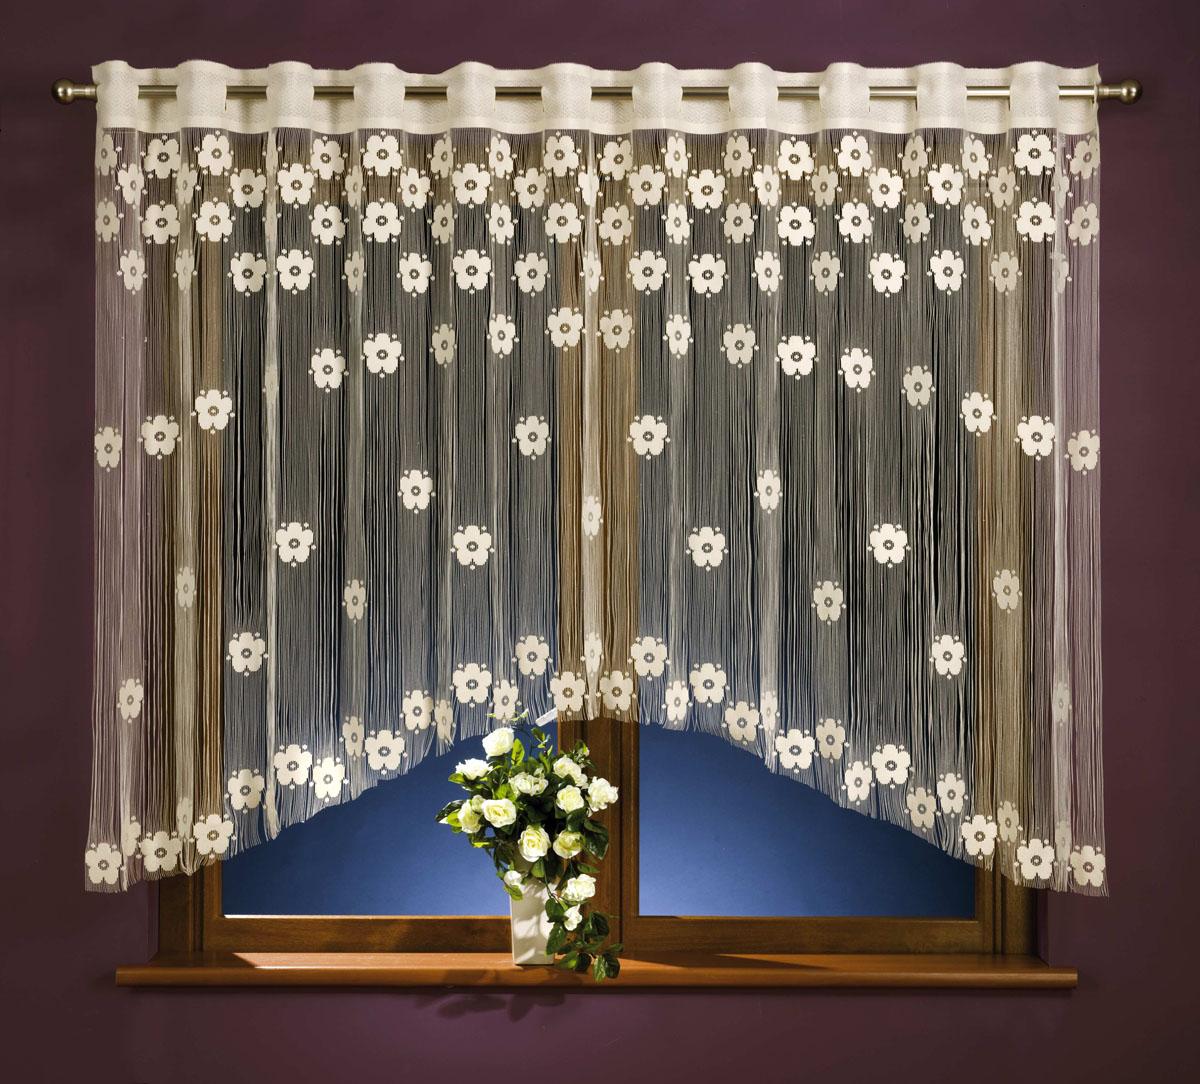 Гардина-лапша Maja, на петлях, цвет: белый, высота 160 см676040Легкая гардина-лапша Maja, изготовленная из полиэстера белого цвета, станет великолепным украшением любого окна. Тонкое плетение, оригинальный дизайн привлекут к себе внимание и органично впишутся в интерьер комнаты. Гардина-лапша оснащена петлями для крепления на круглый карниз. Характеристики:Материал: 100% полиэстер. Цвет: белый. Высота петли: 5,5 см. Размер упаковки:27 см х 36 см х 4 см. Артикул: 676040.В комплект входит: Гардина-лапша - 1 шт. Размер (ШхВ): 270 см х 160 см. Фирма Wisan на польском рынке существует уже более пятидесяти лет и является одной из лучших польских фабрик по производству штор и тканей. Ассортимент фирмы представлен готовыми комплектами штор для гостиной, детской, кухни, а также текстилем для кухни (скатерти, салфетки, дорожки, кухонные занавески). Модельный ряд отличает оригинальный дизайн, высокое качество.Ассортимент продукции постоянно пополняется.УВАЖАЕМЫЕ КЛИЕНТЫ!Обращаем ваше внимание на цвет изделия. Цветовой вариант гардины, данной в интерьере, служит для визуального восприятия товара. Цветовая гамма данной гардины представлена на отдельном изображении фрагментом ткани.